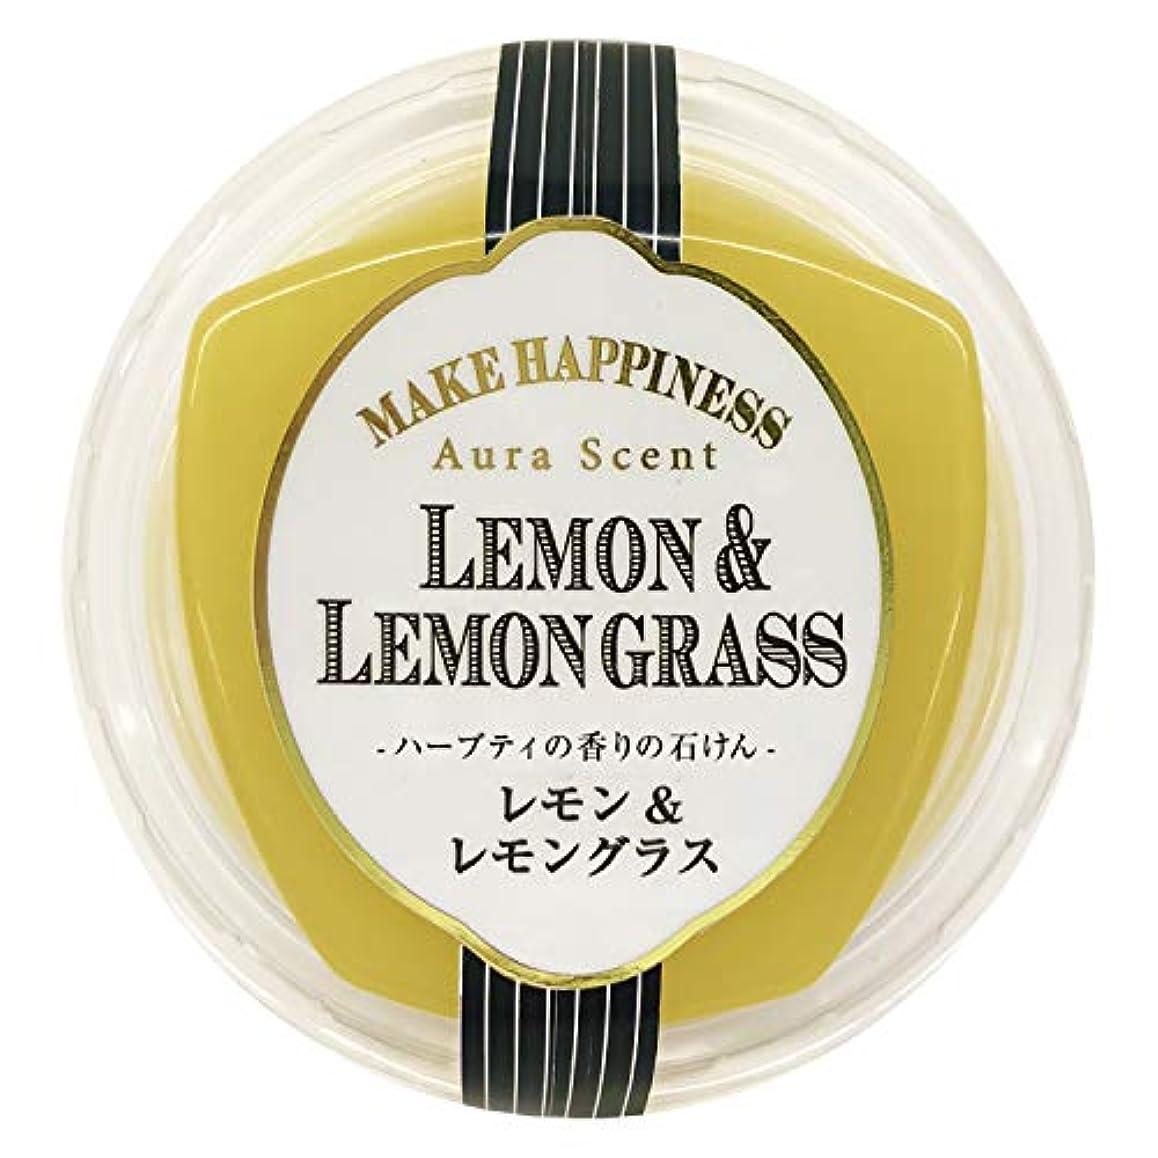 ラッチスキャンダル重さペリカン石鹸 オーラセント クリアソープレモン&レモングラス 75g